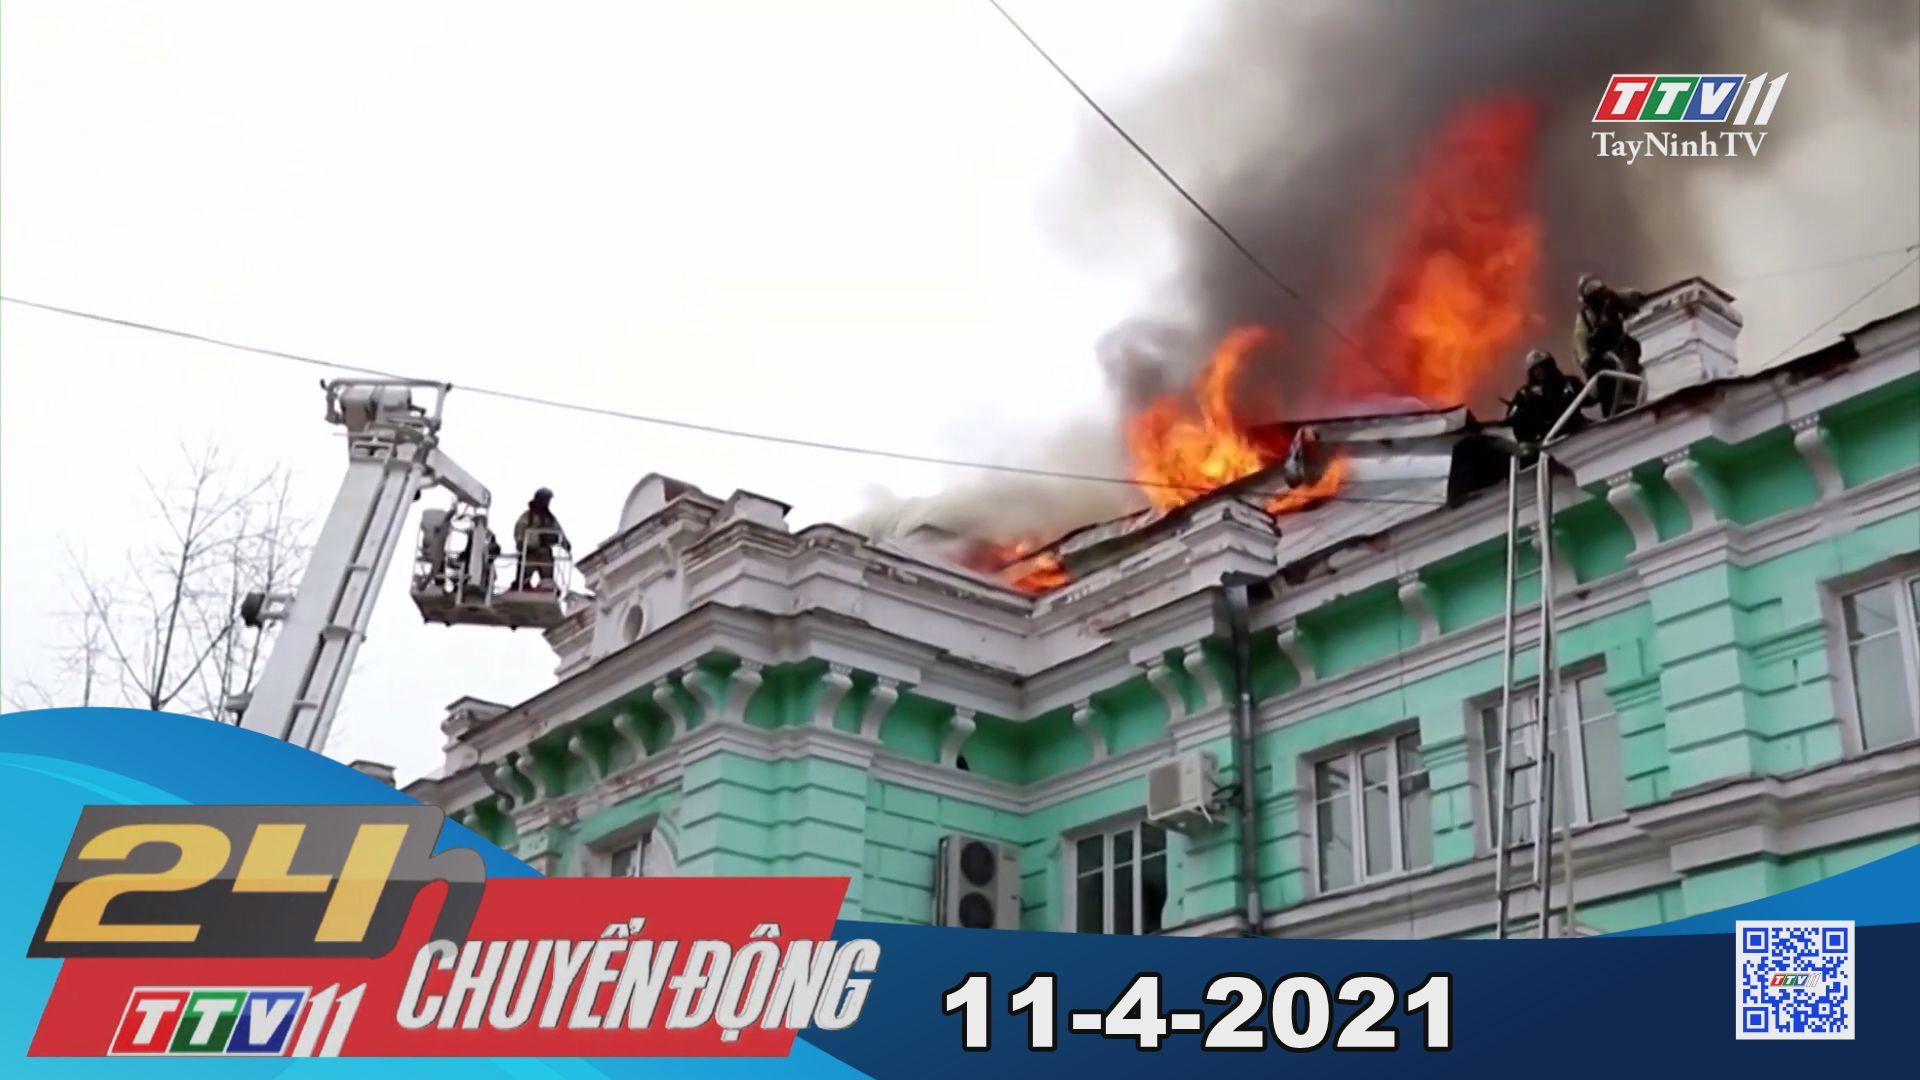 24h Chuyển động 11-4-2021 | Tin tức hôm nay | TayNinhTV